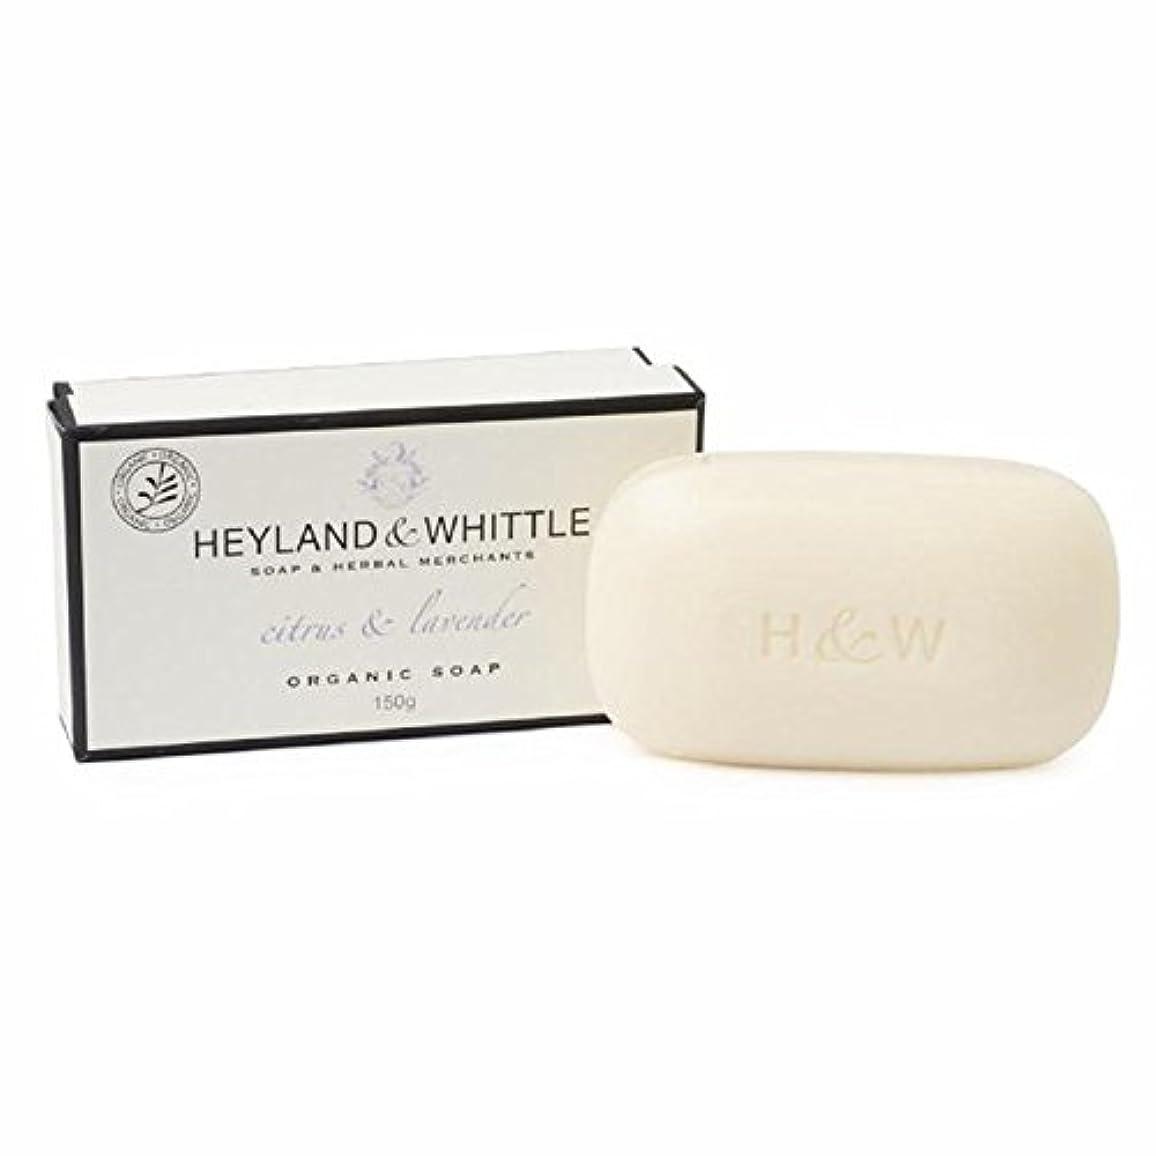 生きる代表して明るくするHeyland & Whittle Citrus & Lavender Boxed Organic Soap 150g - &削るシトラス&ラベンダーは、有機石鹸150グラム箱入り [並行輸入品]